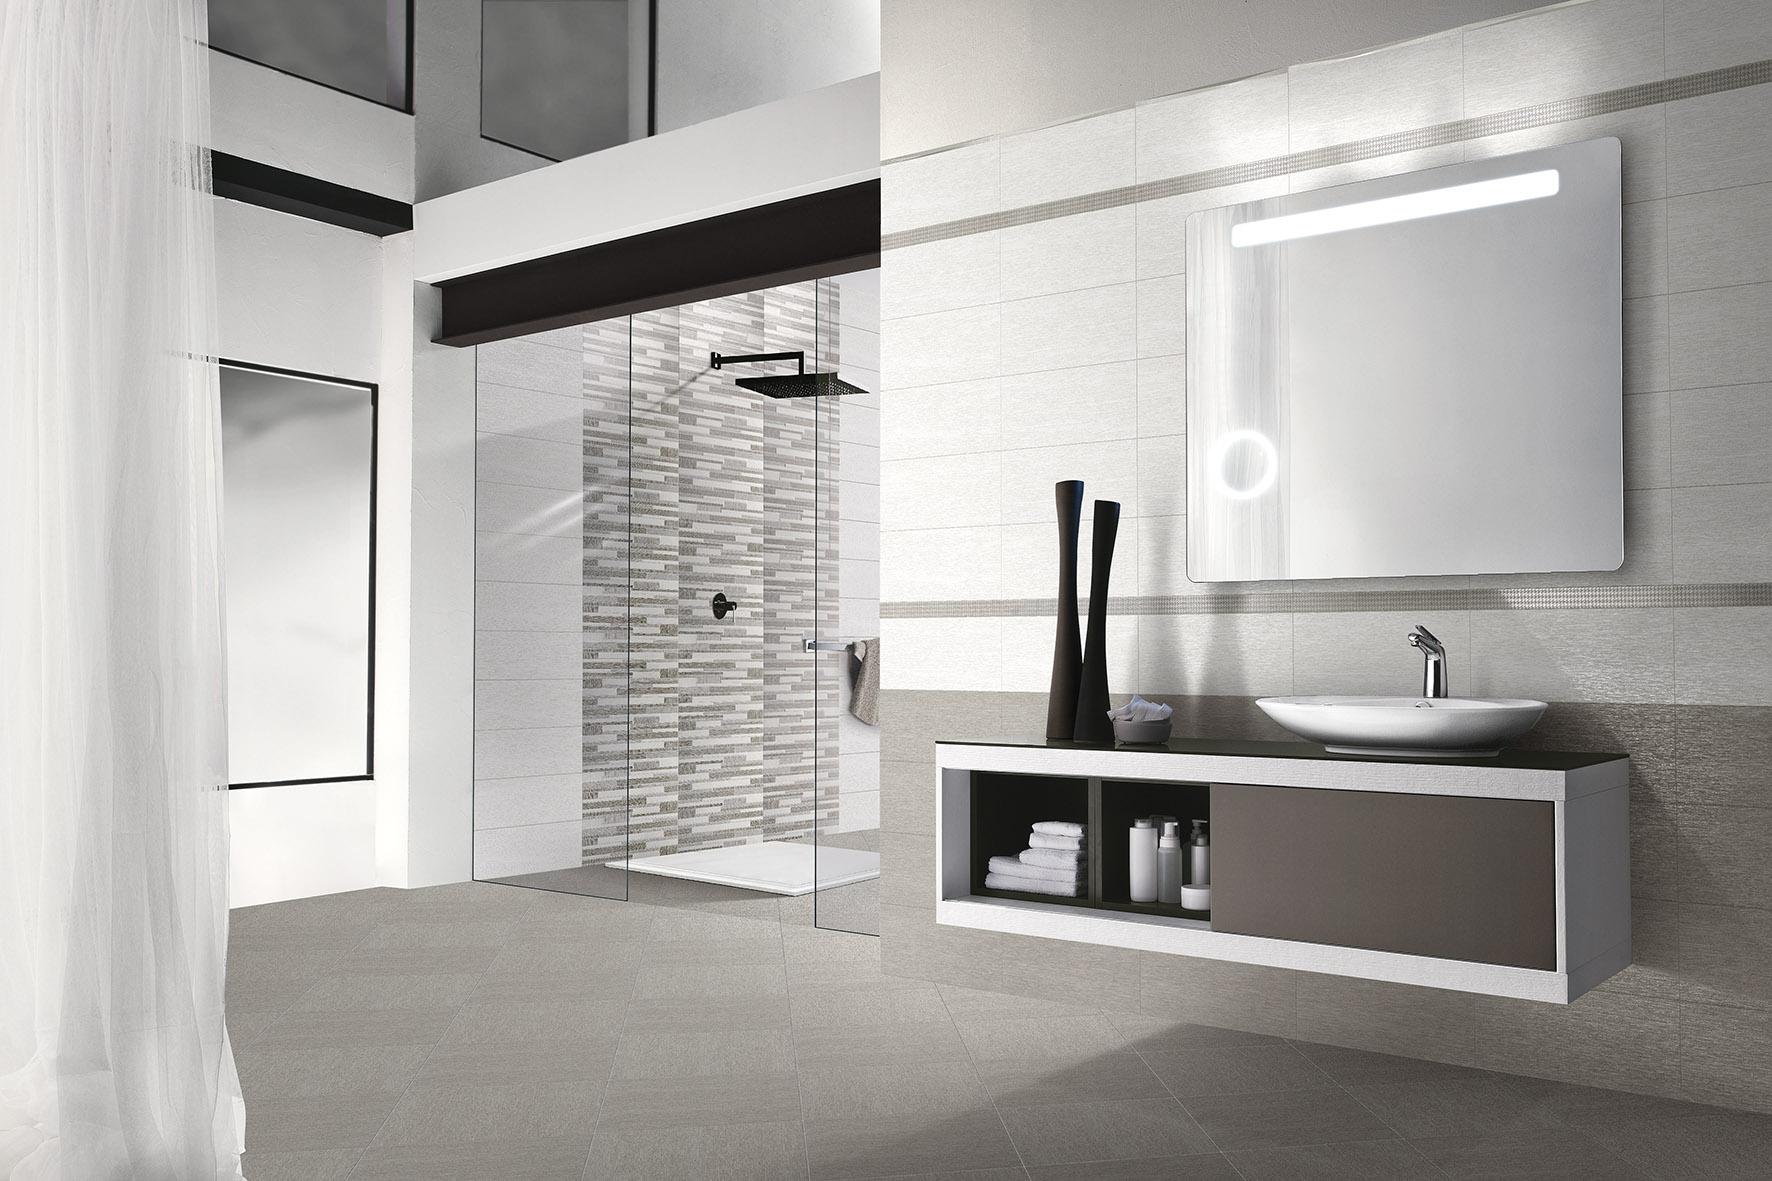 Mattonelle Bagno In Offerta : Offerte pavimenti e rivestimenti bagno idee per piastrelle bagno